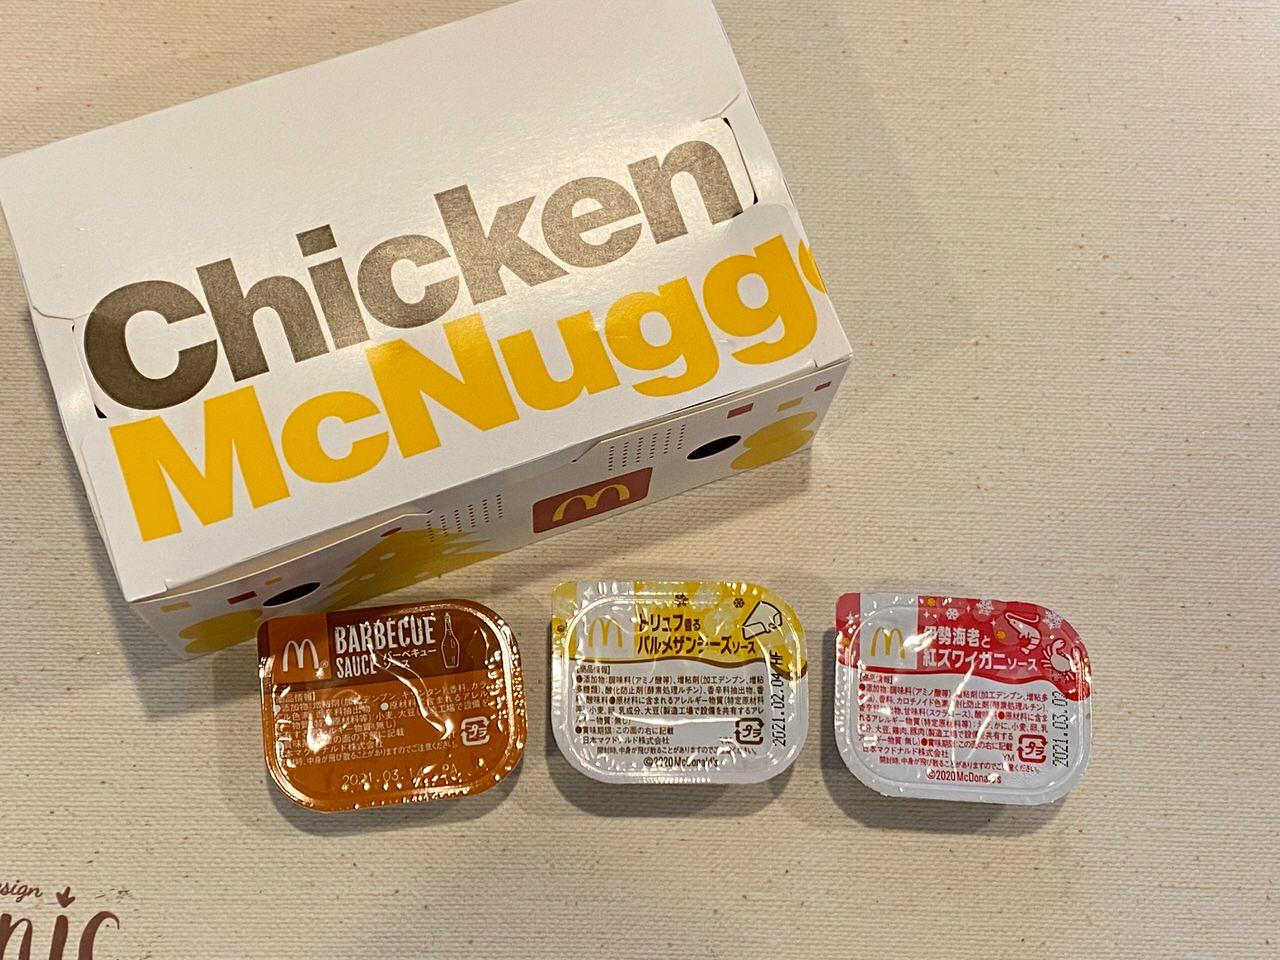 「チキンマックナゲット」15ピースが30%オフの390円!期間限定ソース「伊勢海老と紅ズワイガニソース」「トリュフ香るパルメザンチーズソース」食べ比べてみた!